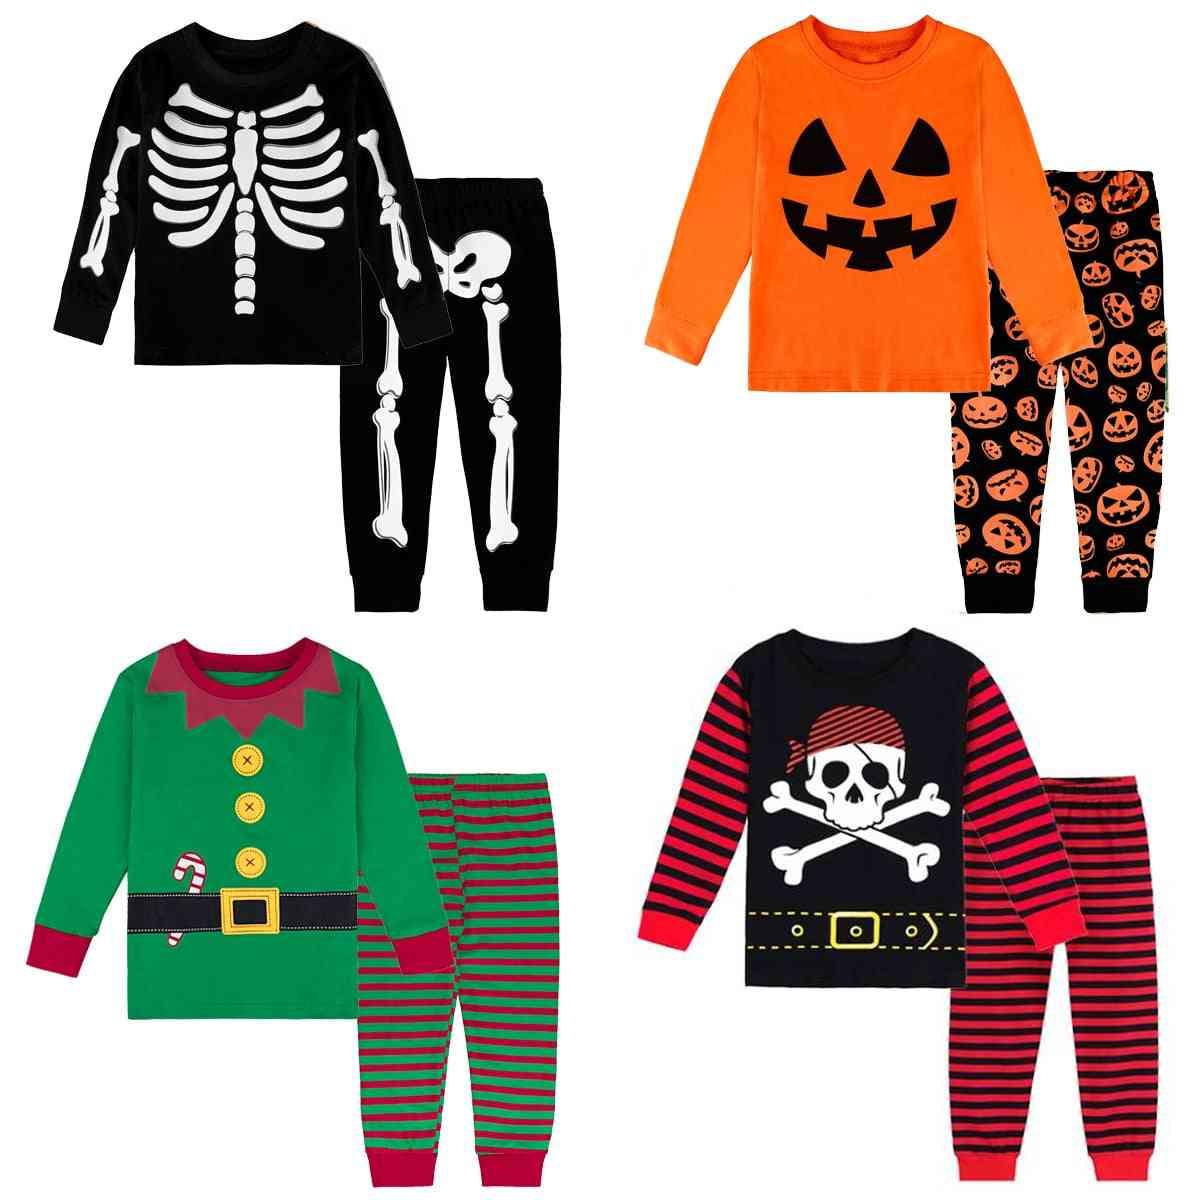 Boys Pajamas, Kids Halloween Christmas Pajama Sets